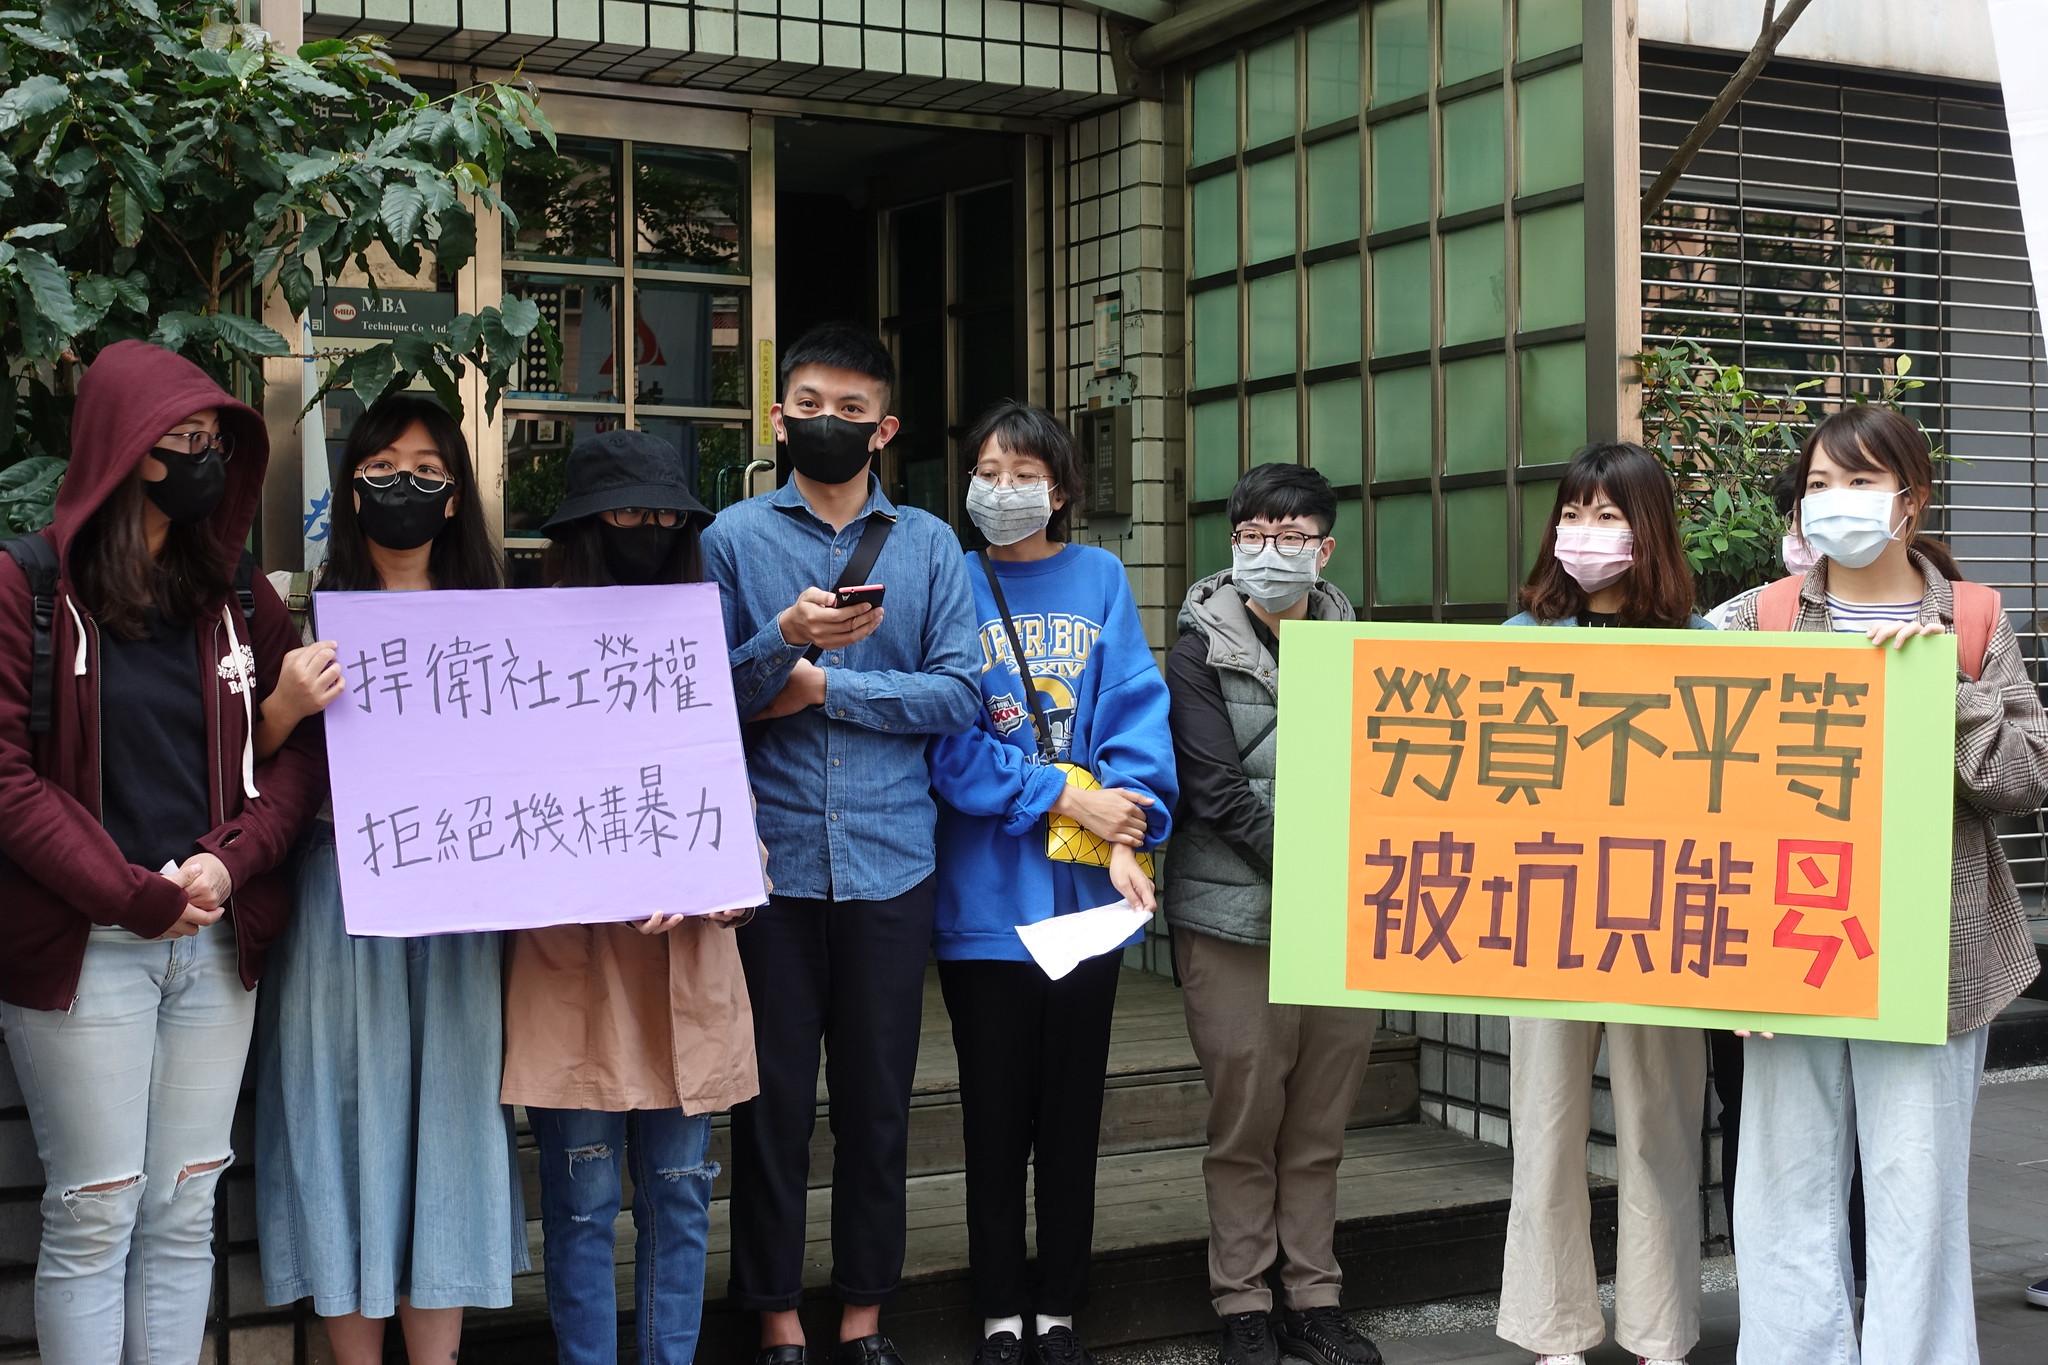 工會偕同被解雇的7名社工一同到新女性聯合會抗議。(攝影:張智琦)